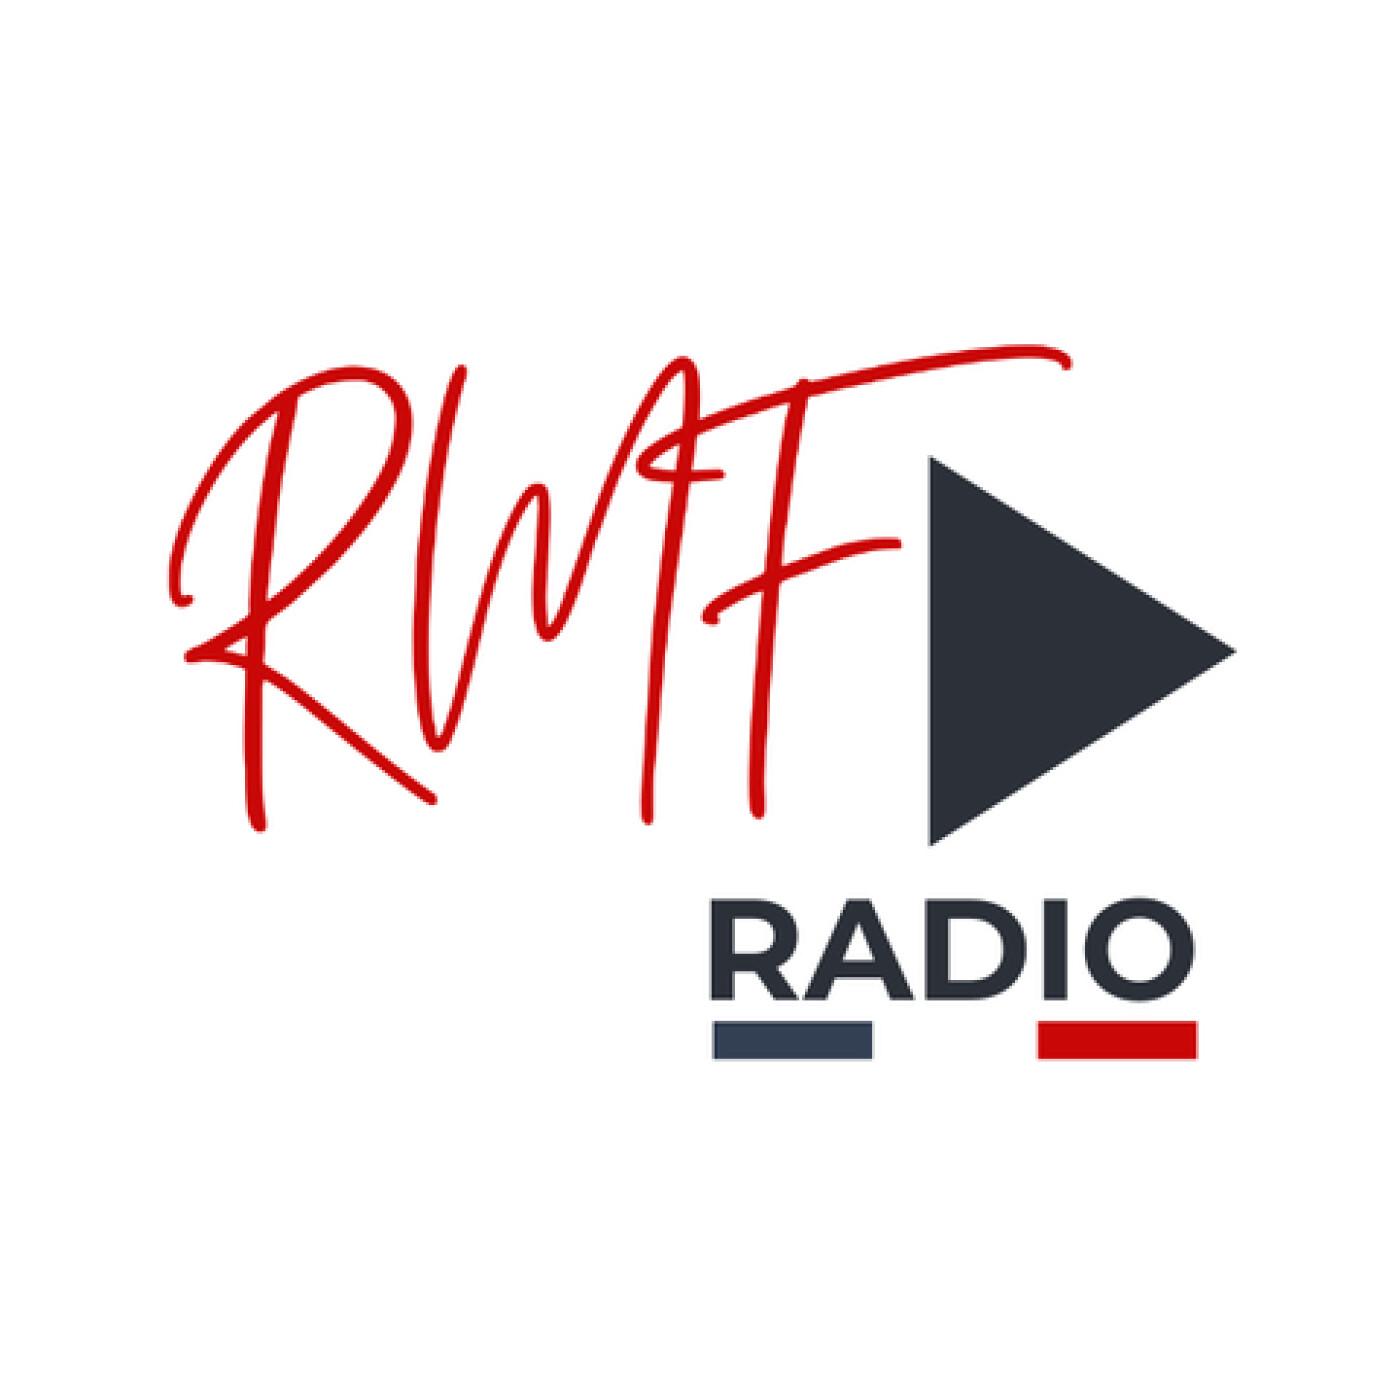 Medias dans le monde, Delphine et Julien présentent RMF Radio - 05 07 2021 - StereoChic Radio